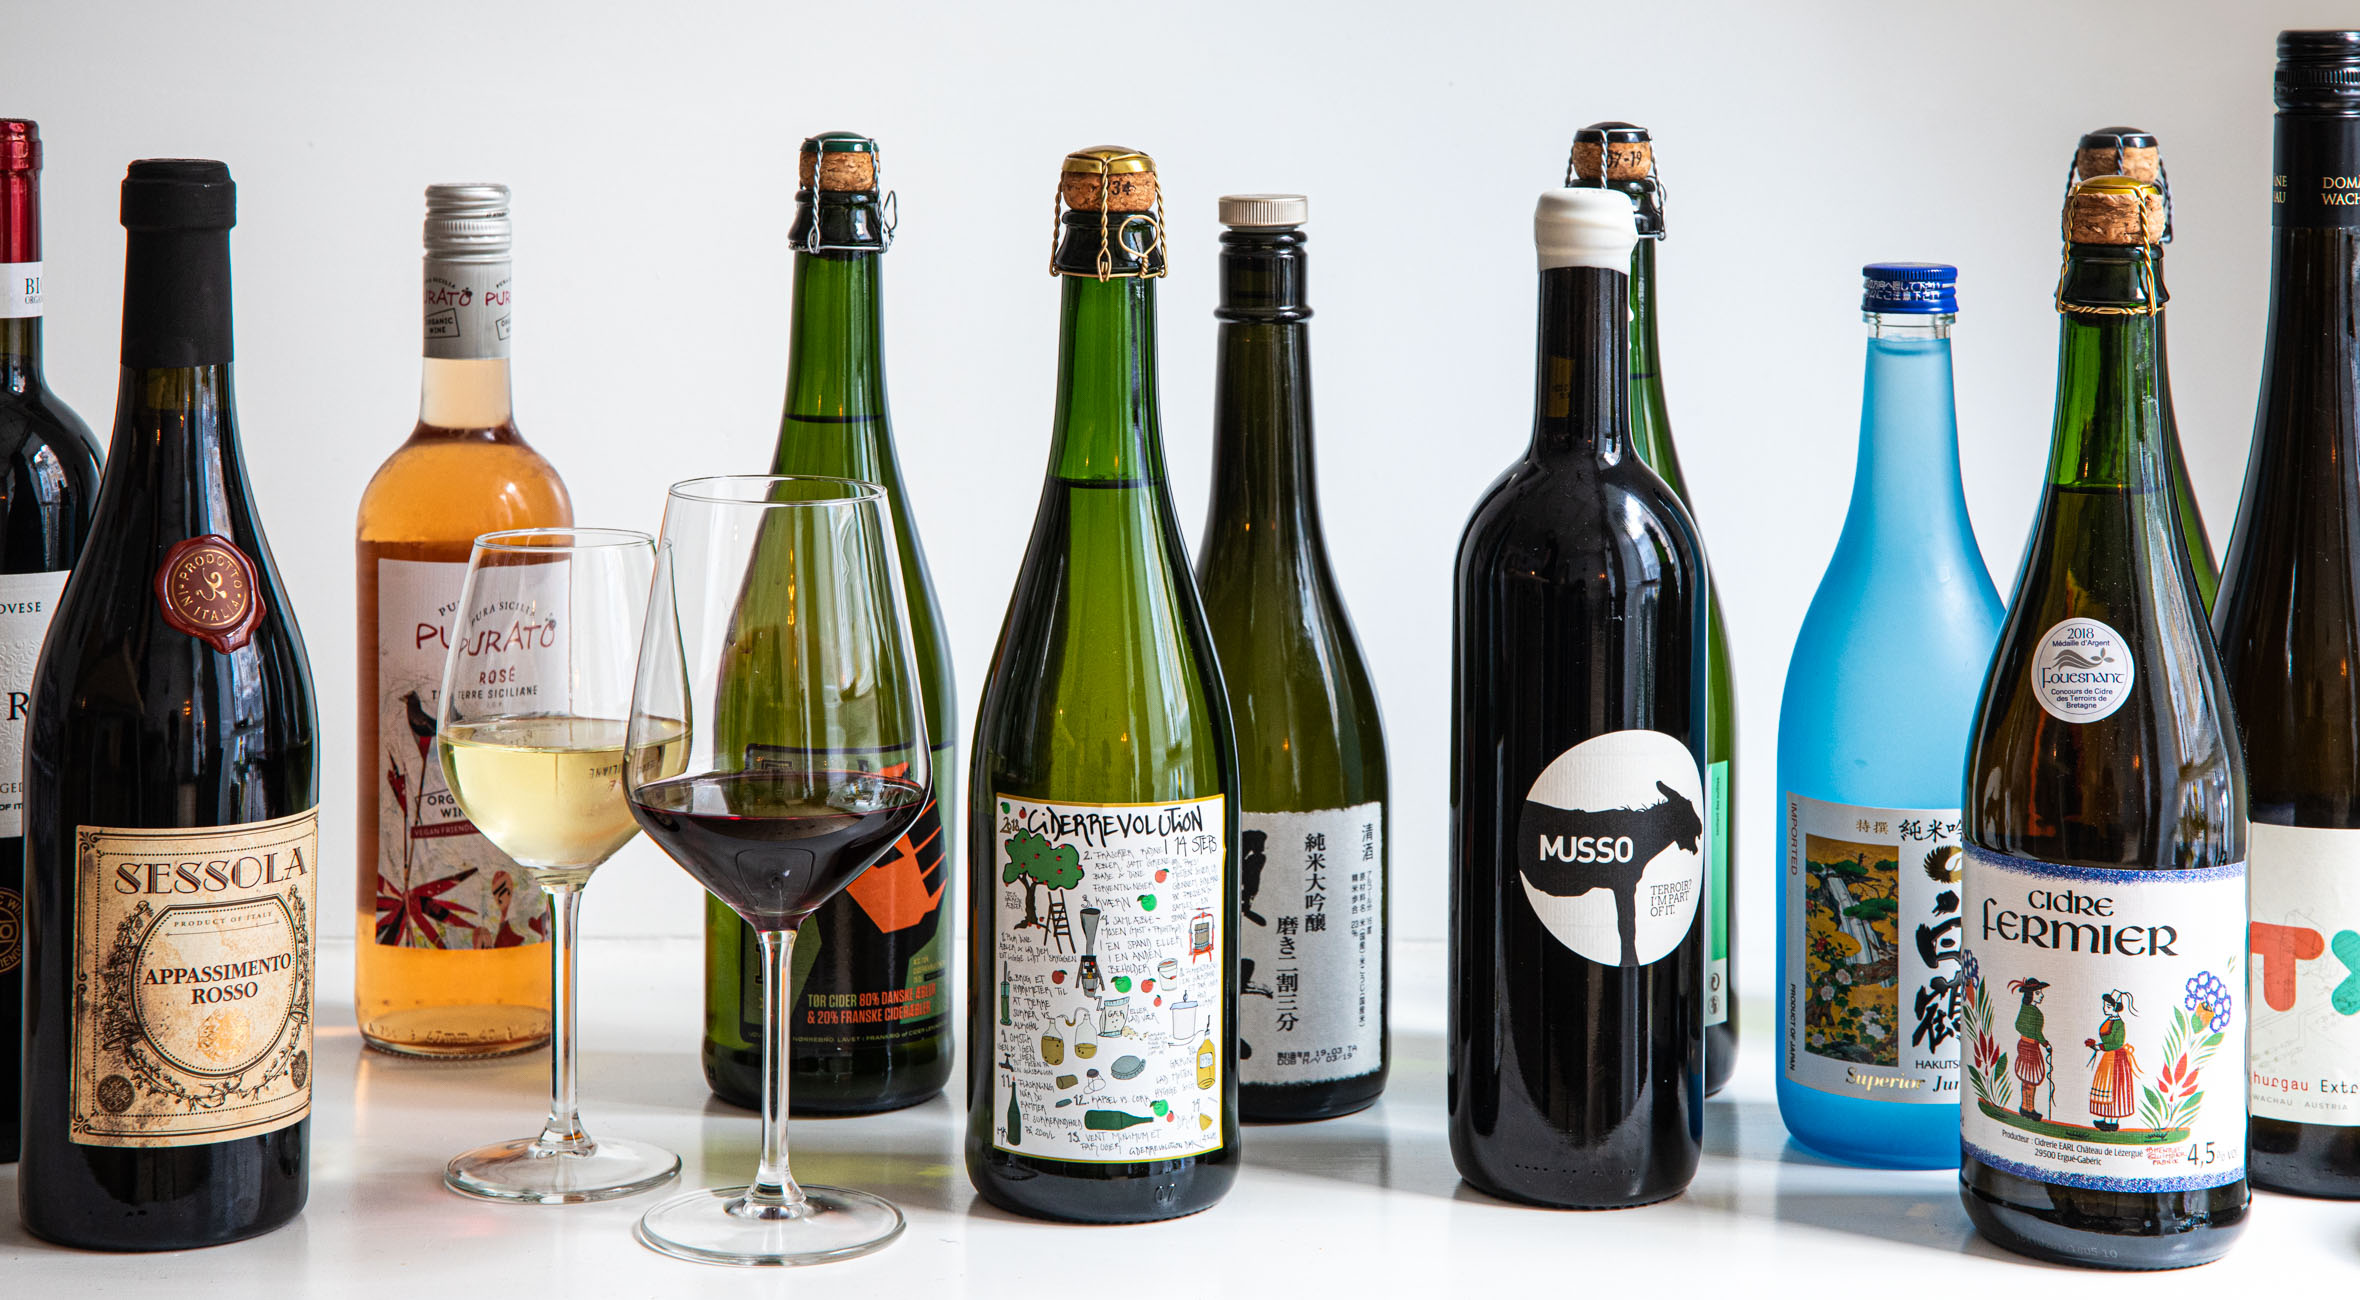 Frit valg til alt hos Ottos Hotel i Indre By – Ny vinbar er åbnet i historisk københavnerhus og anbefales af Politiken